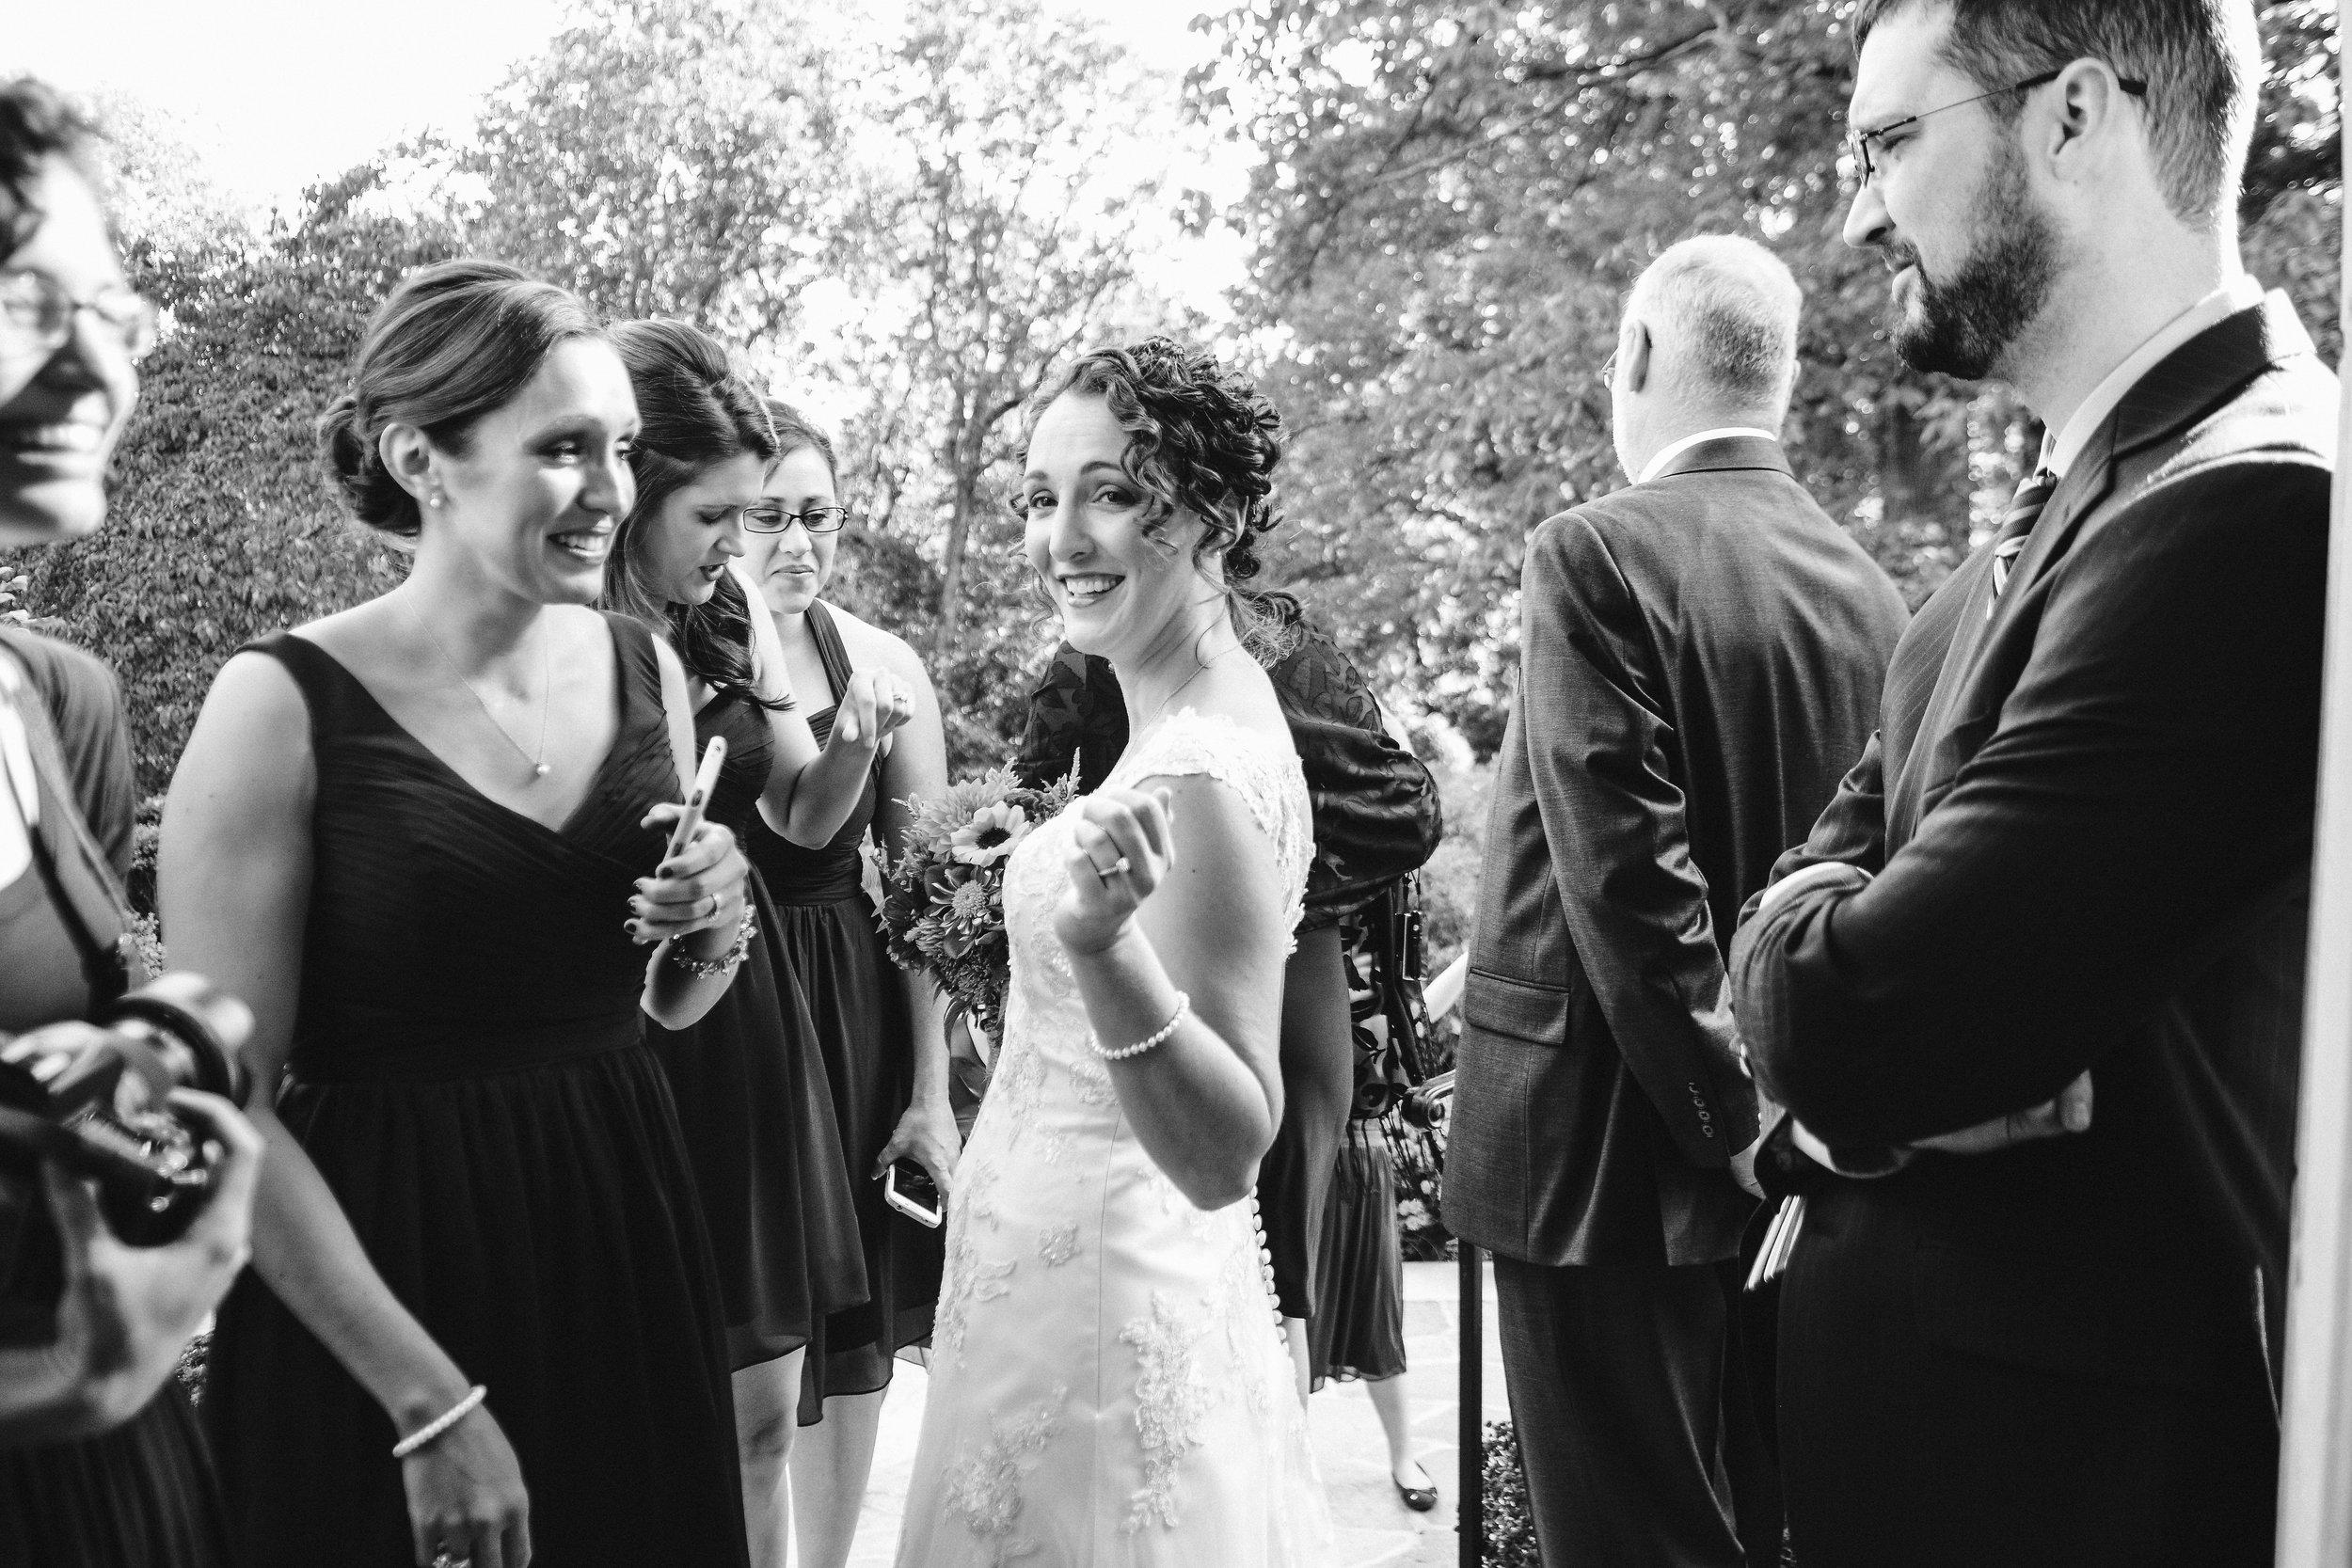 adrienne and greg's wedding 2018 edits-17.jpg